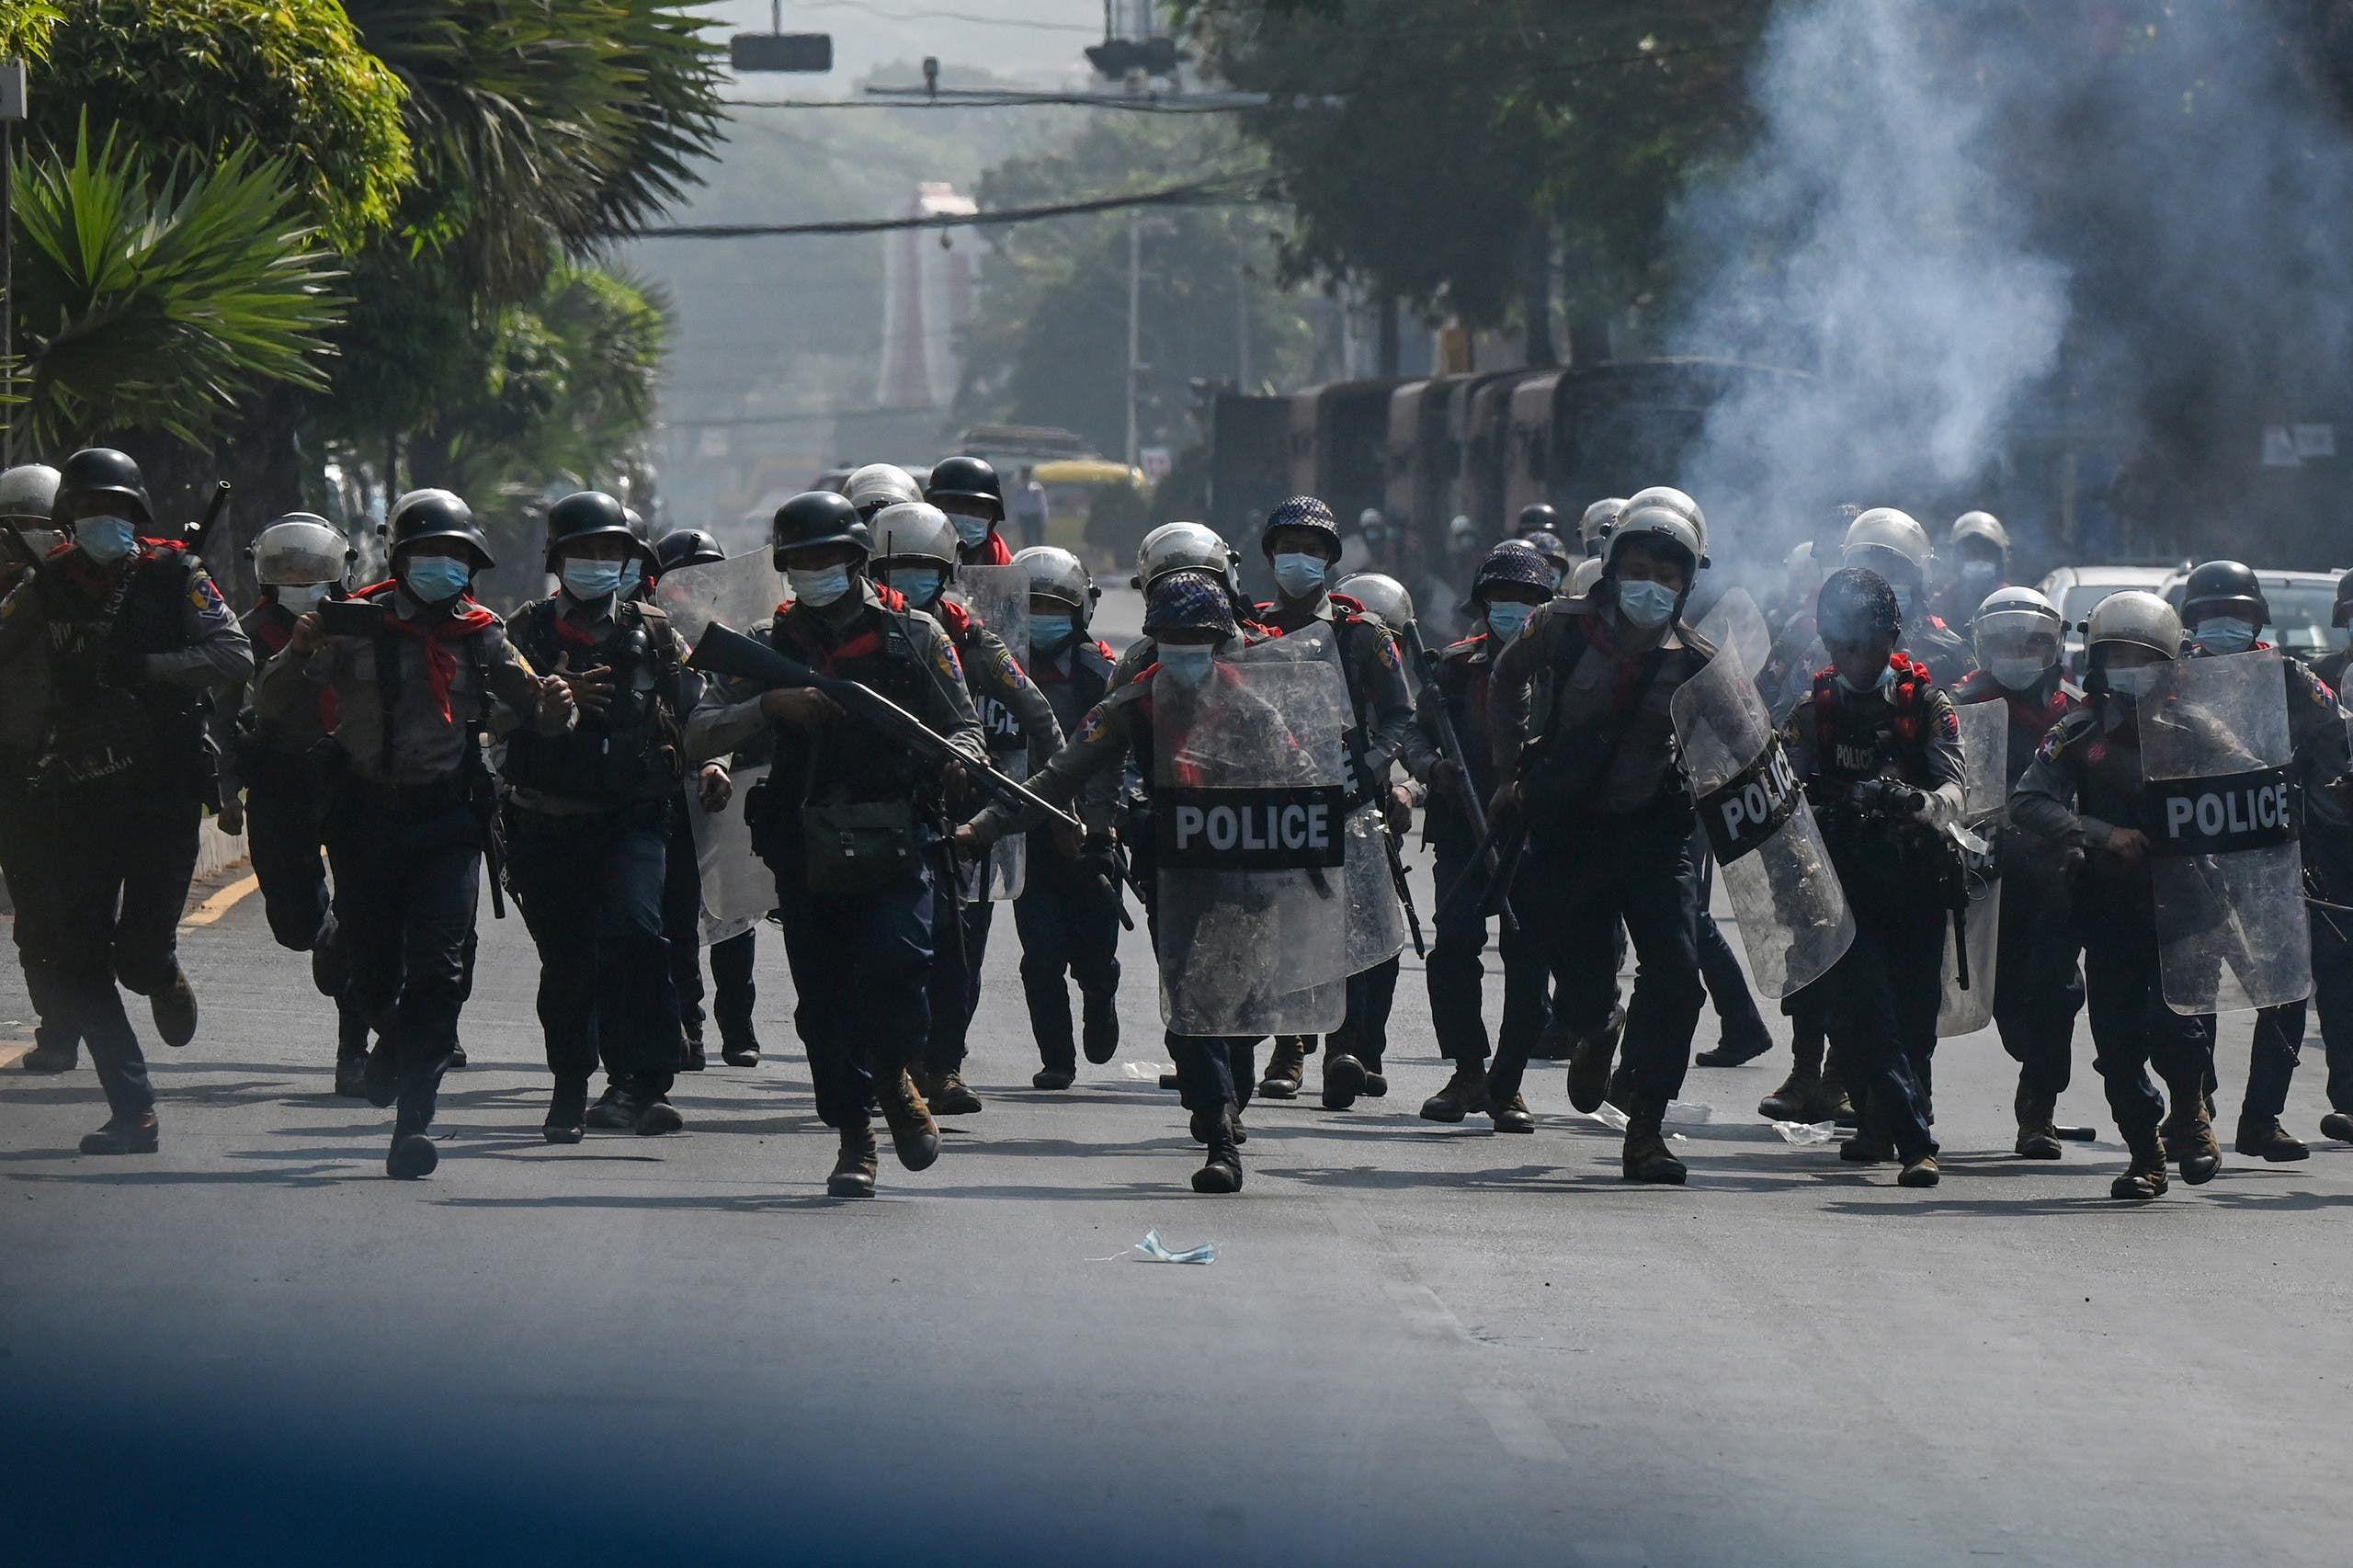 شرطة مكافحة الشغب تواجه المحتجين اليوم في يانغون